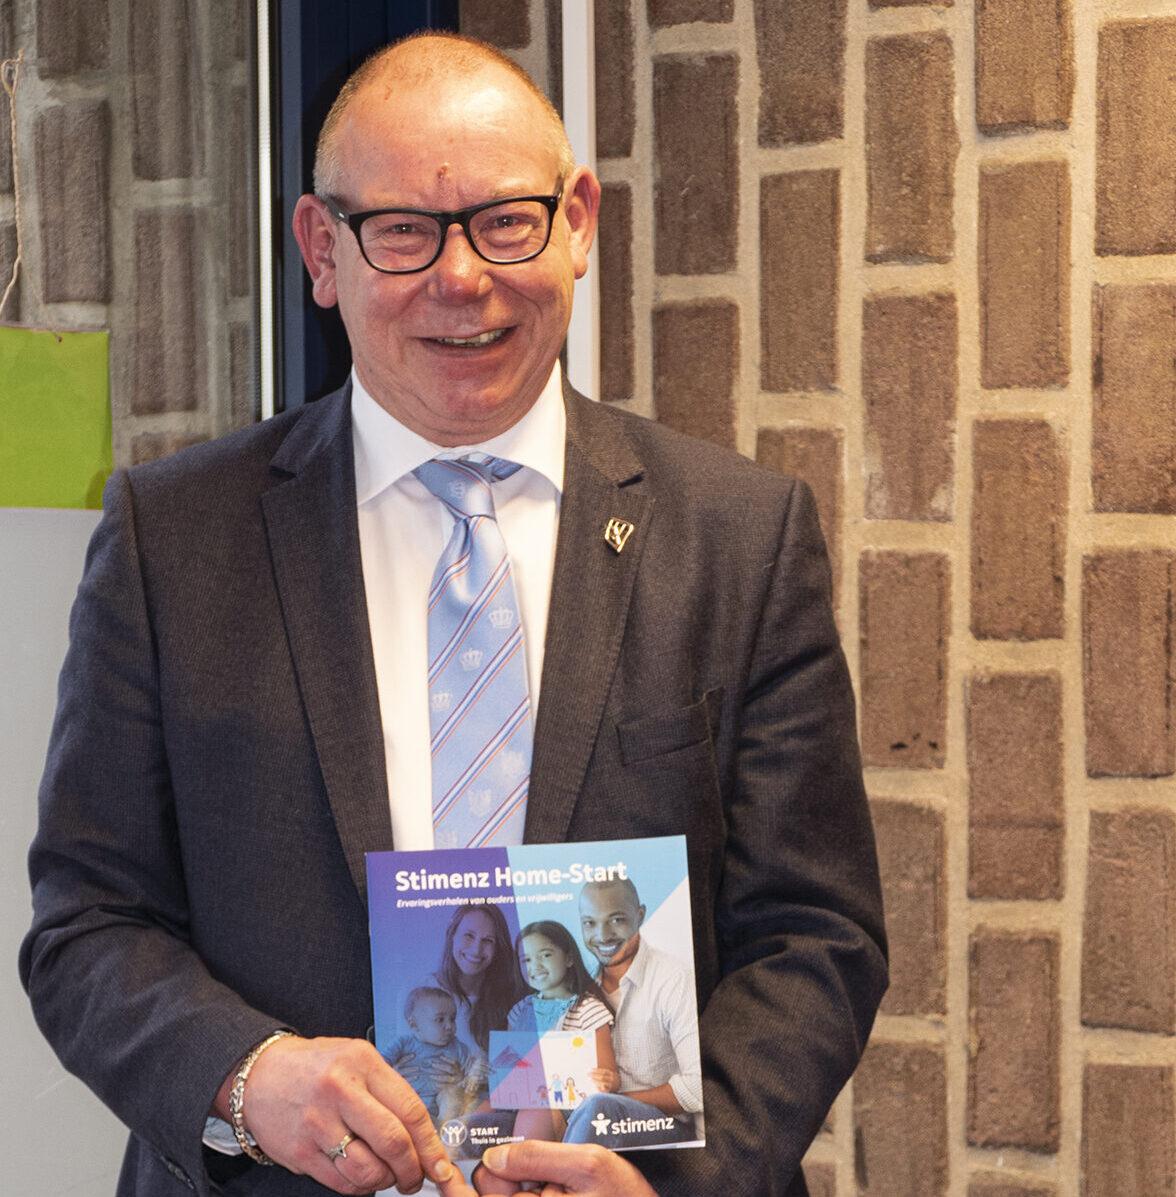 Wethouder Detlev Cziesso neemt eerste exemplaar 'Stimenz Home-Start' in ontvangst